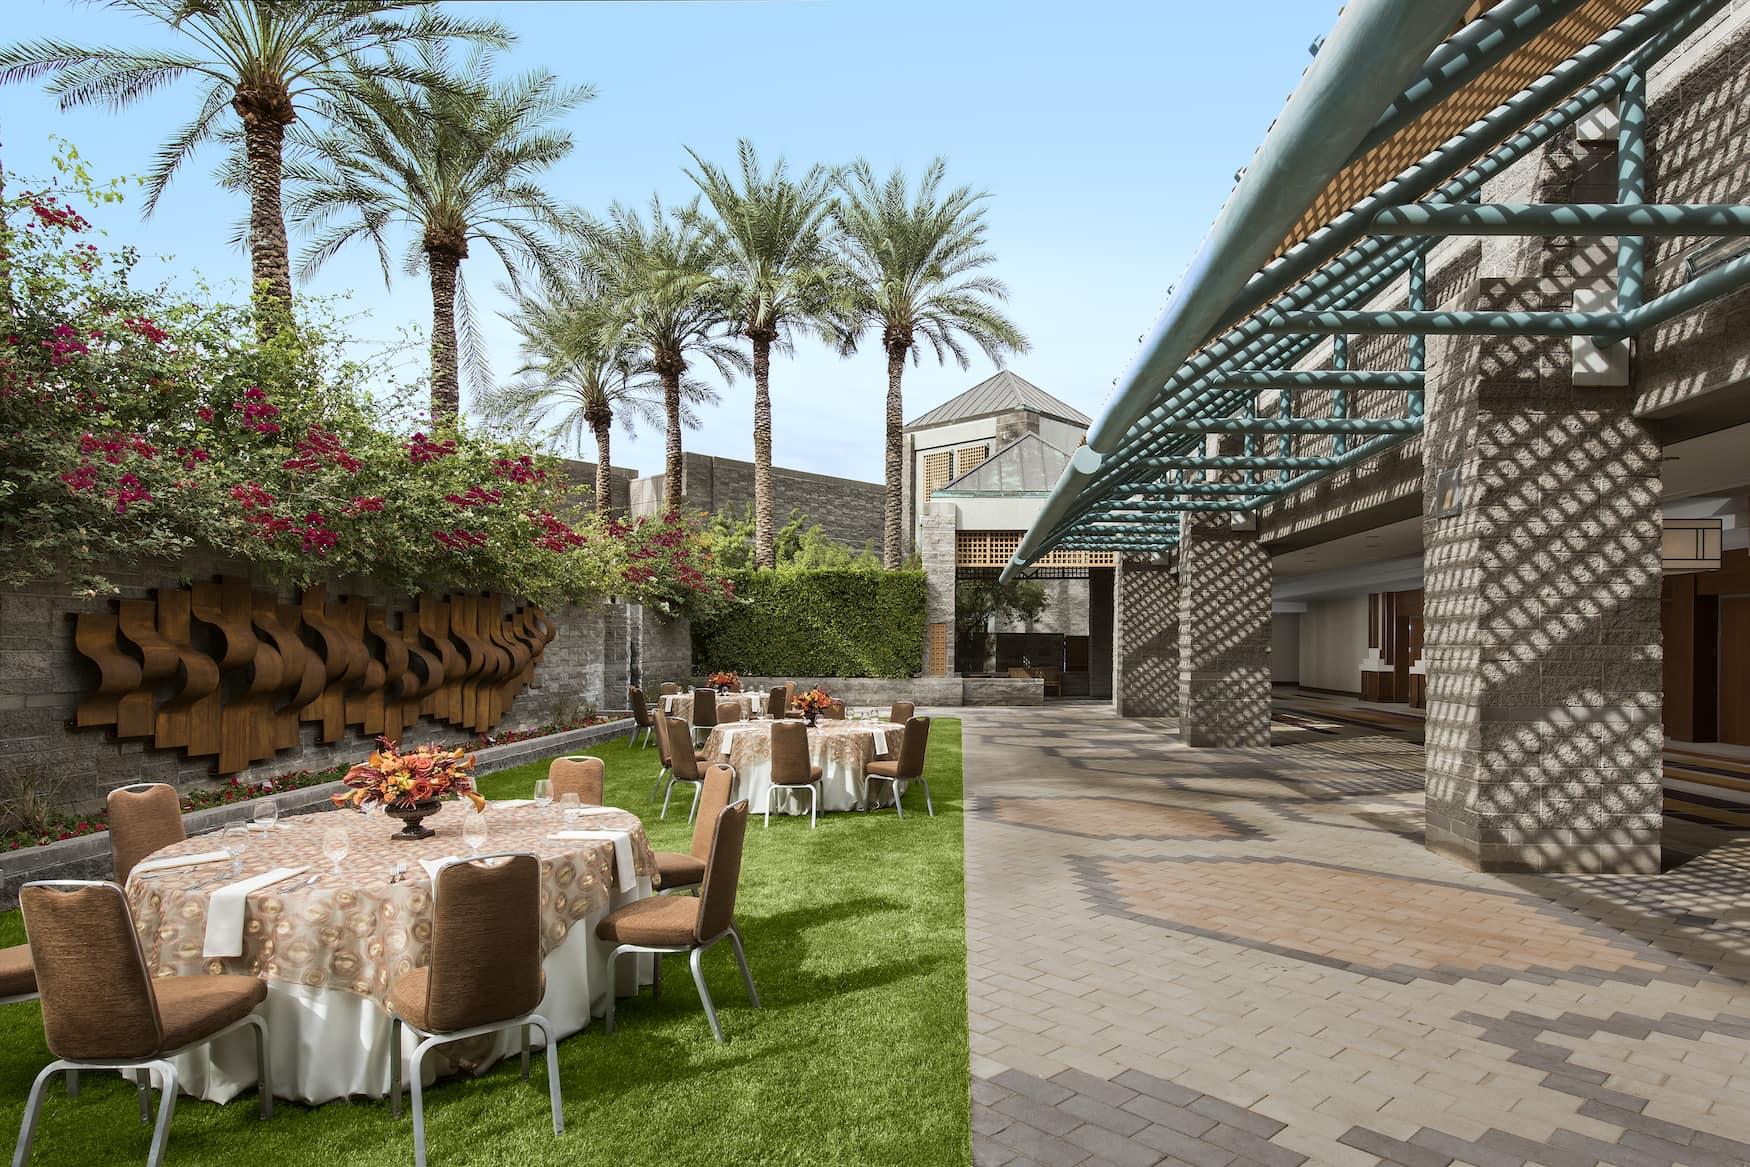 Außenfassade des Hyatt Regency Scottsdale Resort & Spa at Gainey Ranch